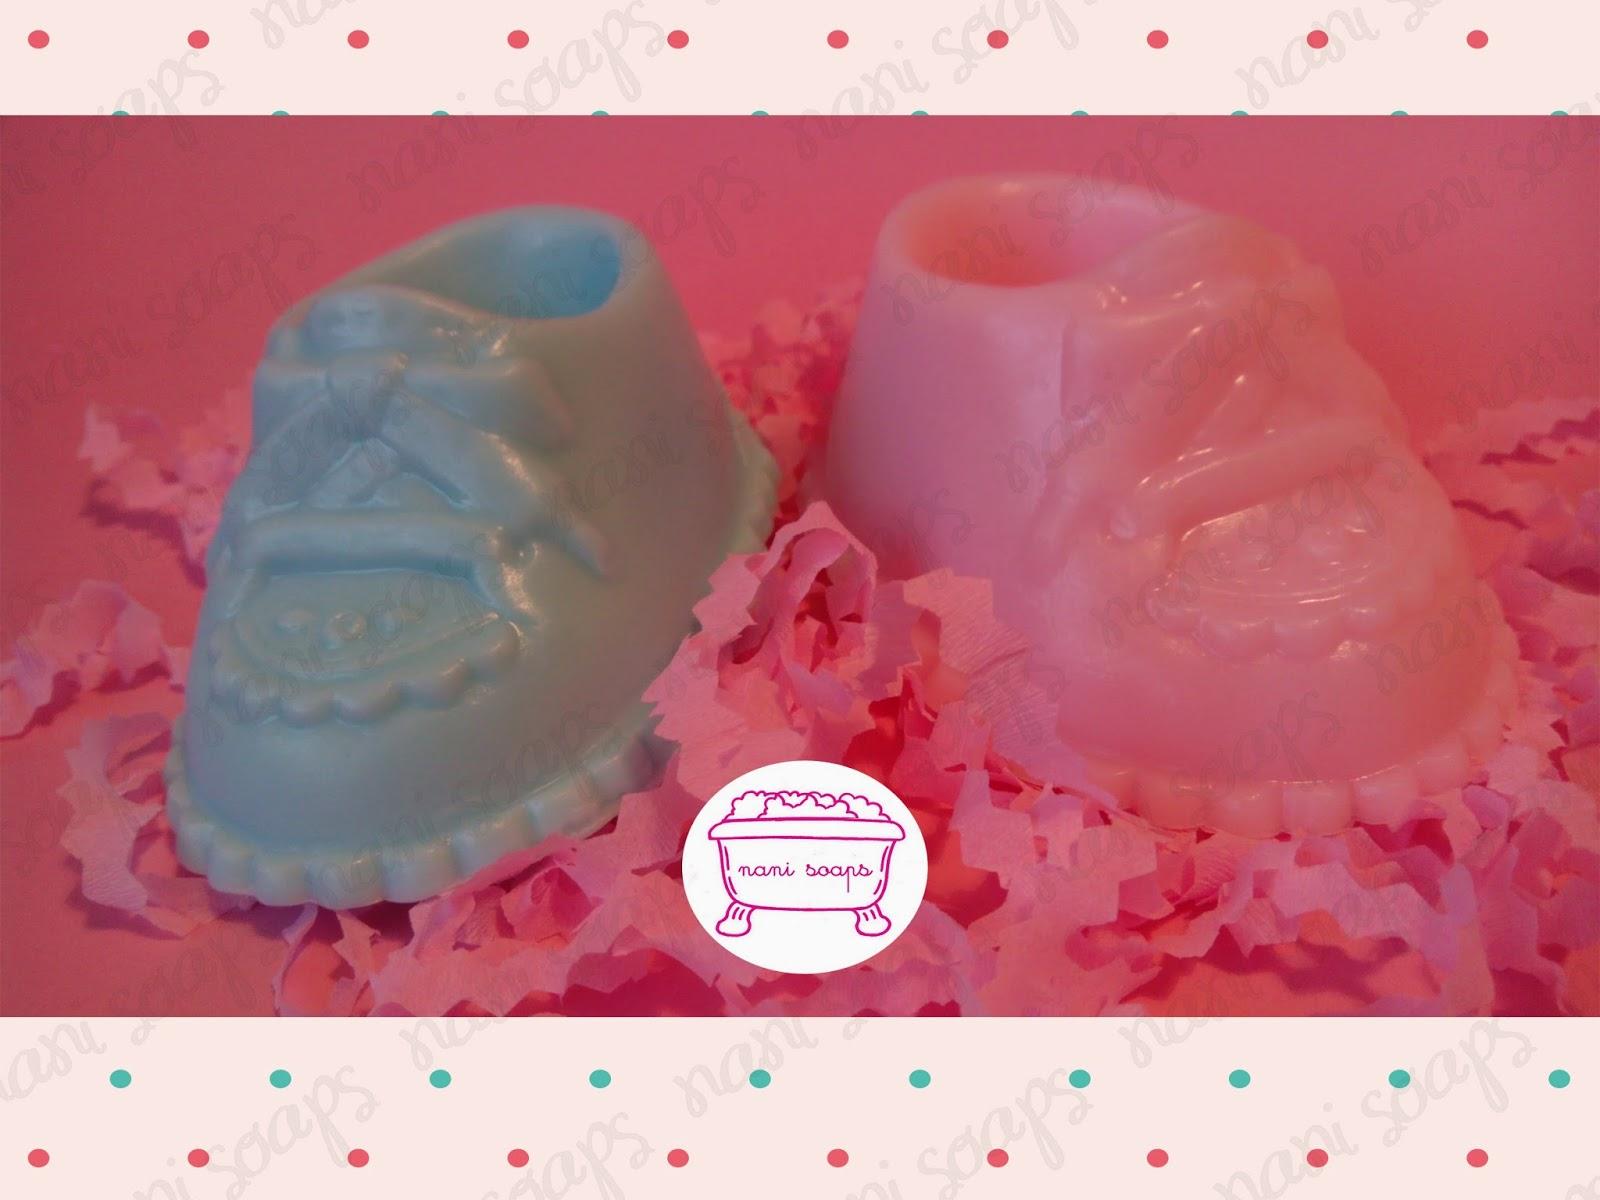 patucos de jabón decorados para bautizo